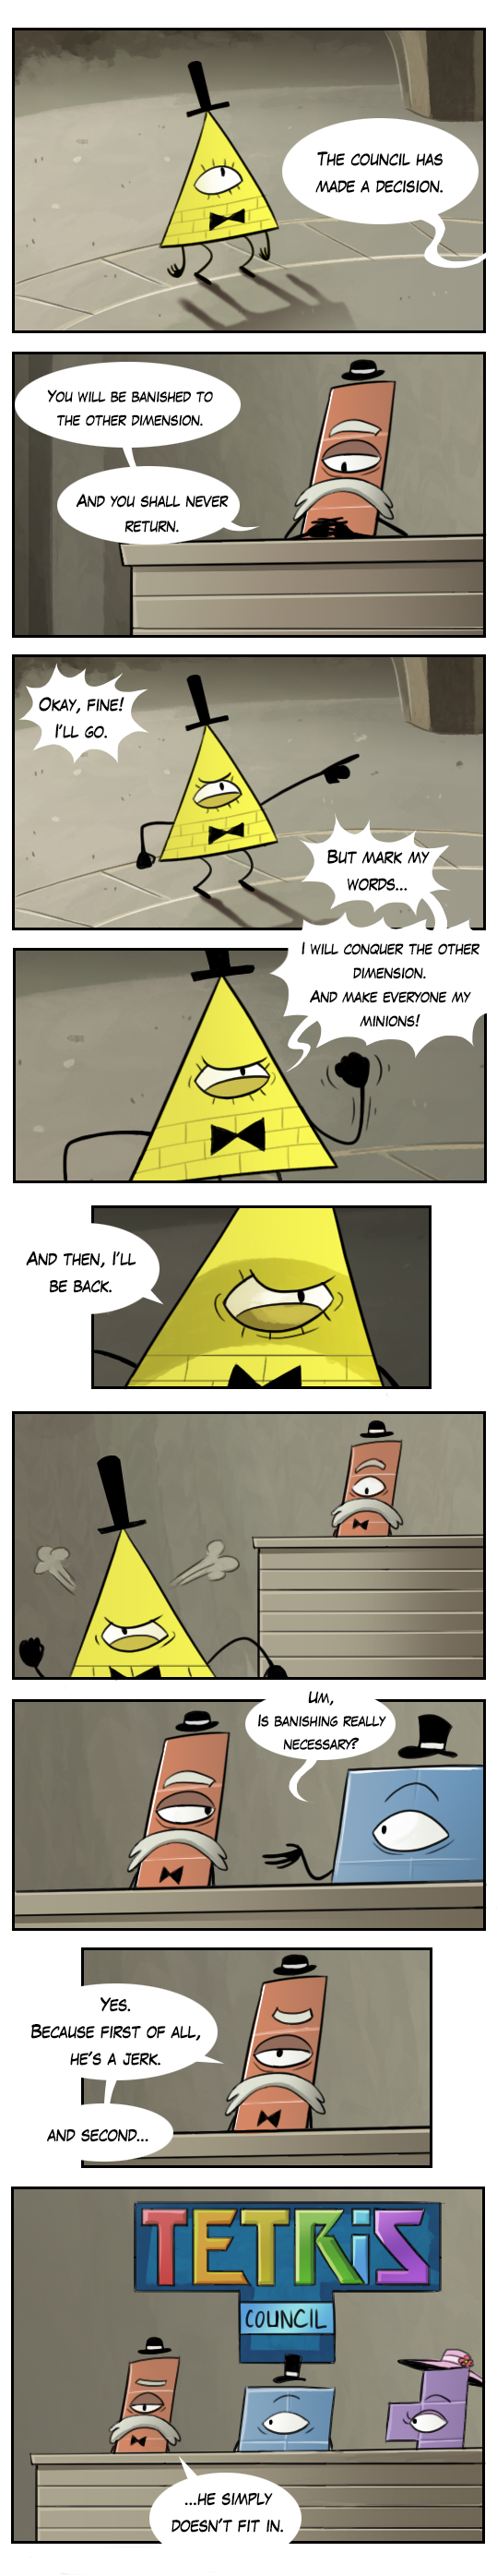 bill+cipher+comics | the origin of bill cipher by markmak fan art cartoons comics digital ...